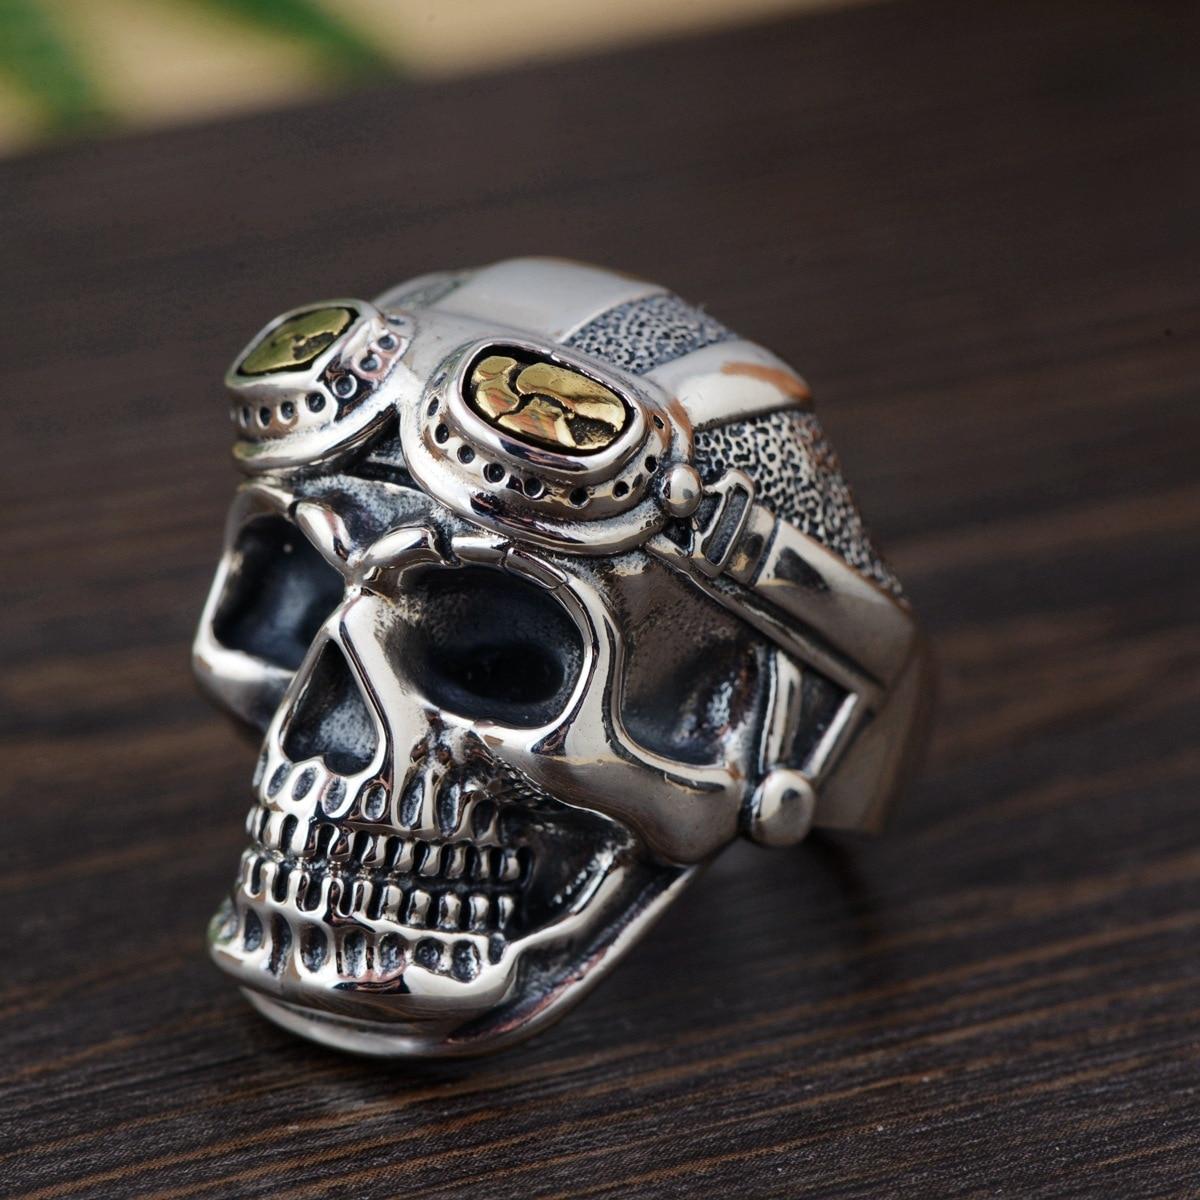 Anneaux de motard personnalisés pour hommes véritable tête de crâne en argent Sterling 925 avec verre pilote anneaux pour hommes redimensionnables Vintage Punk